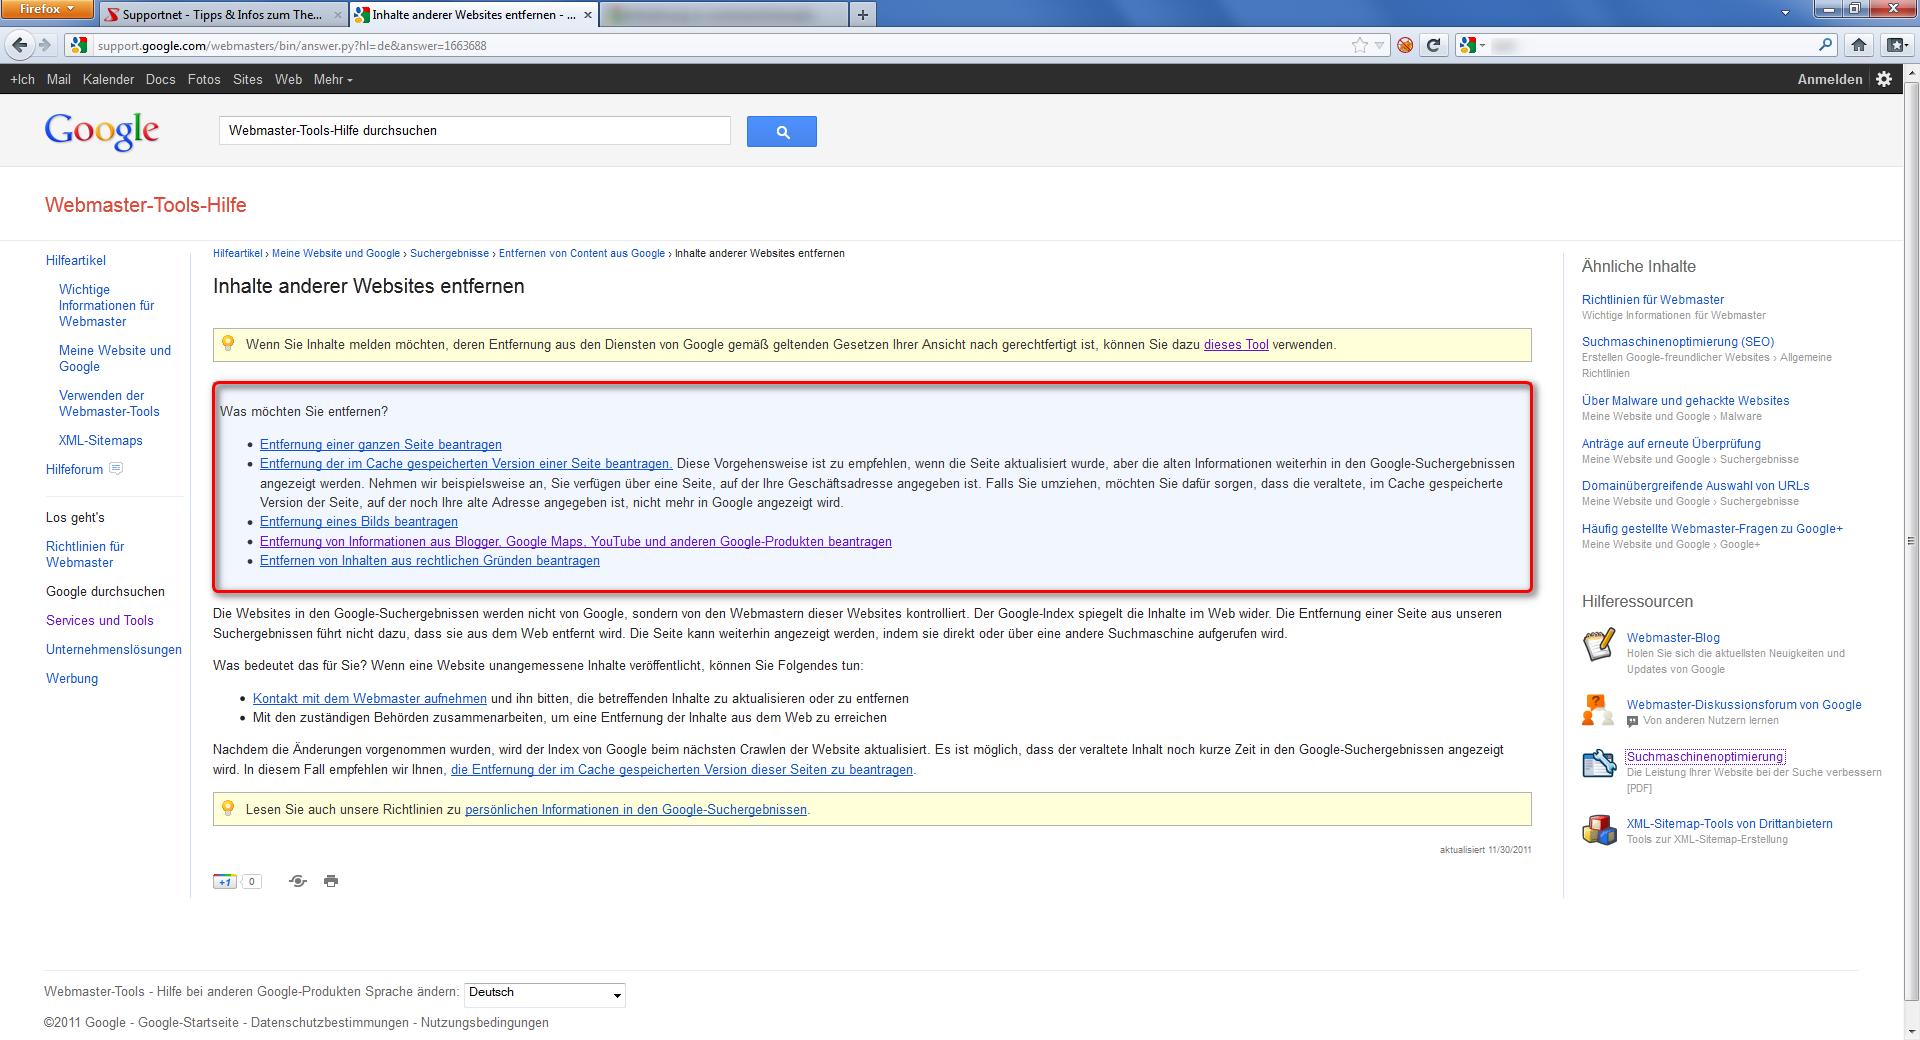 02-google-und-ich-im-internet-inhalte-entfernen-470.png?nocache=1325151473380